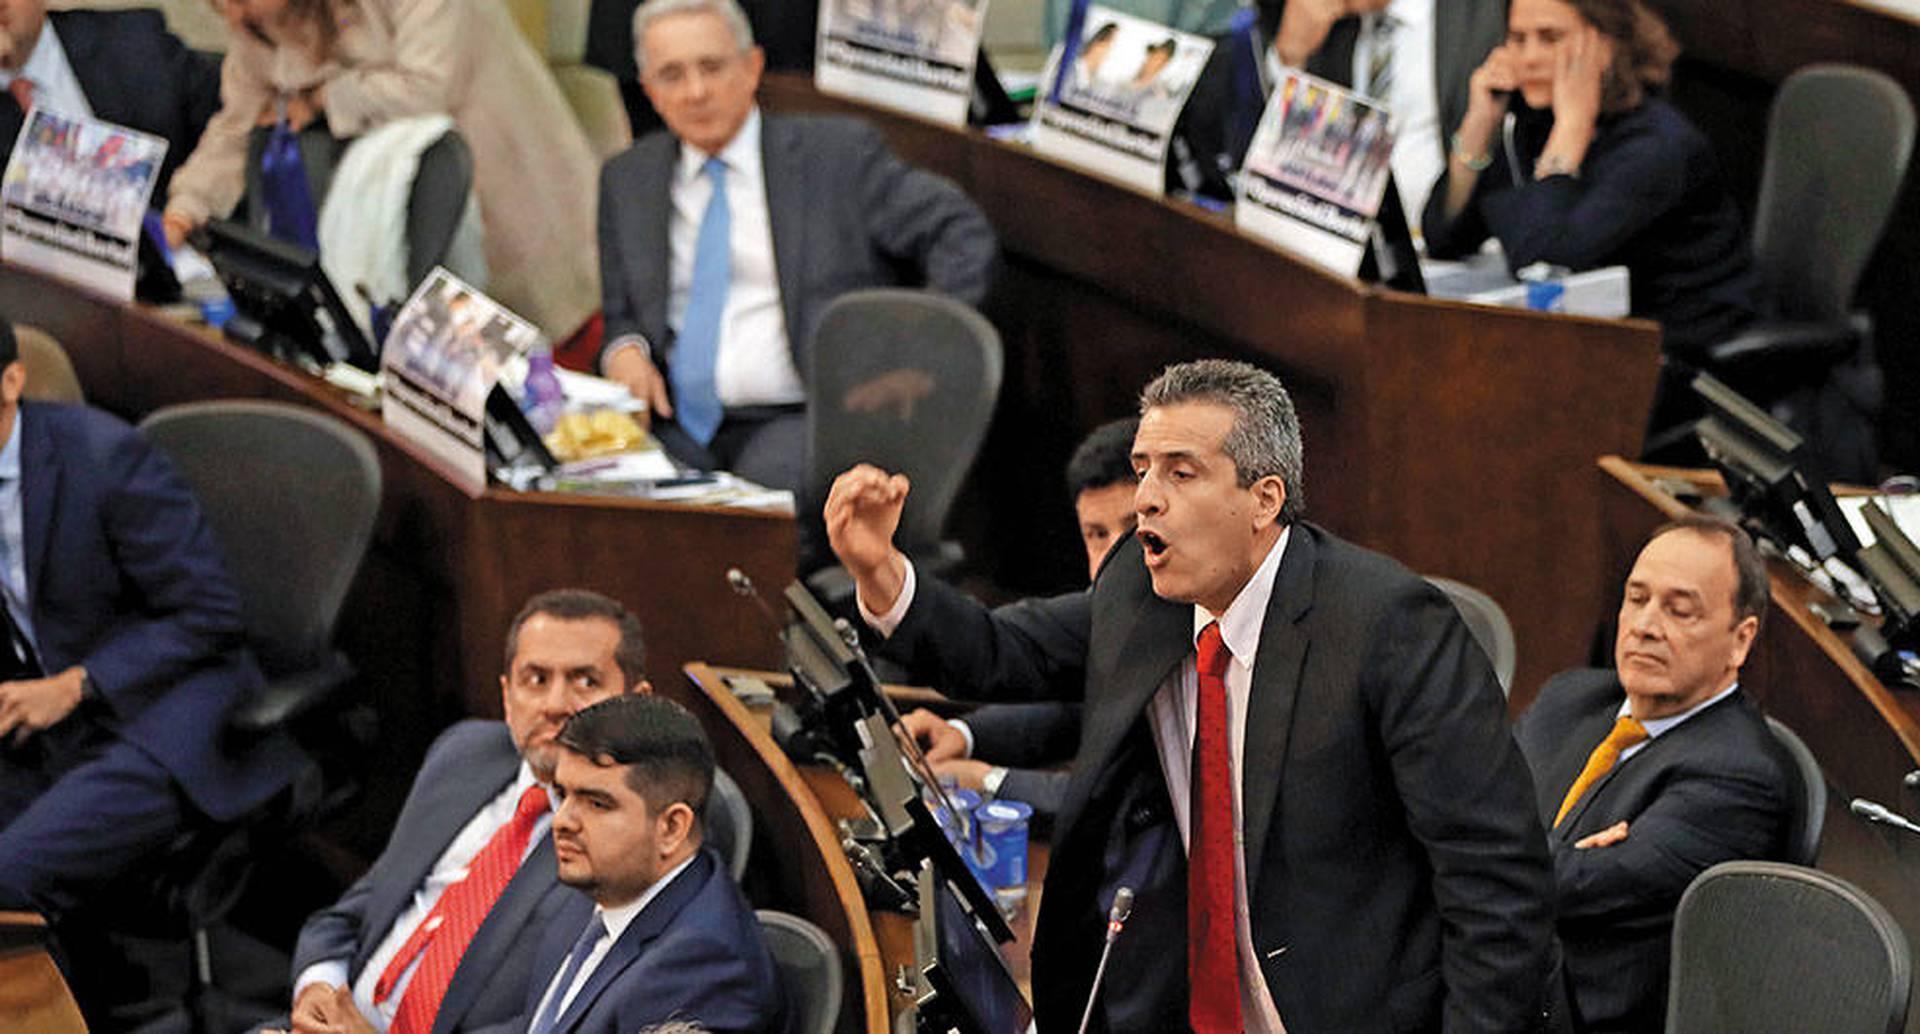 El senador Luis Fernando Velasco propuso esa salida que gusta en varios sectores, pero que genera prevenciones entre la Farc y el Centro Democrático.